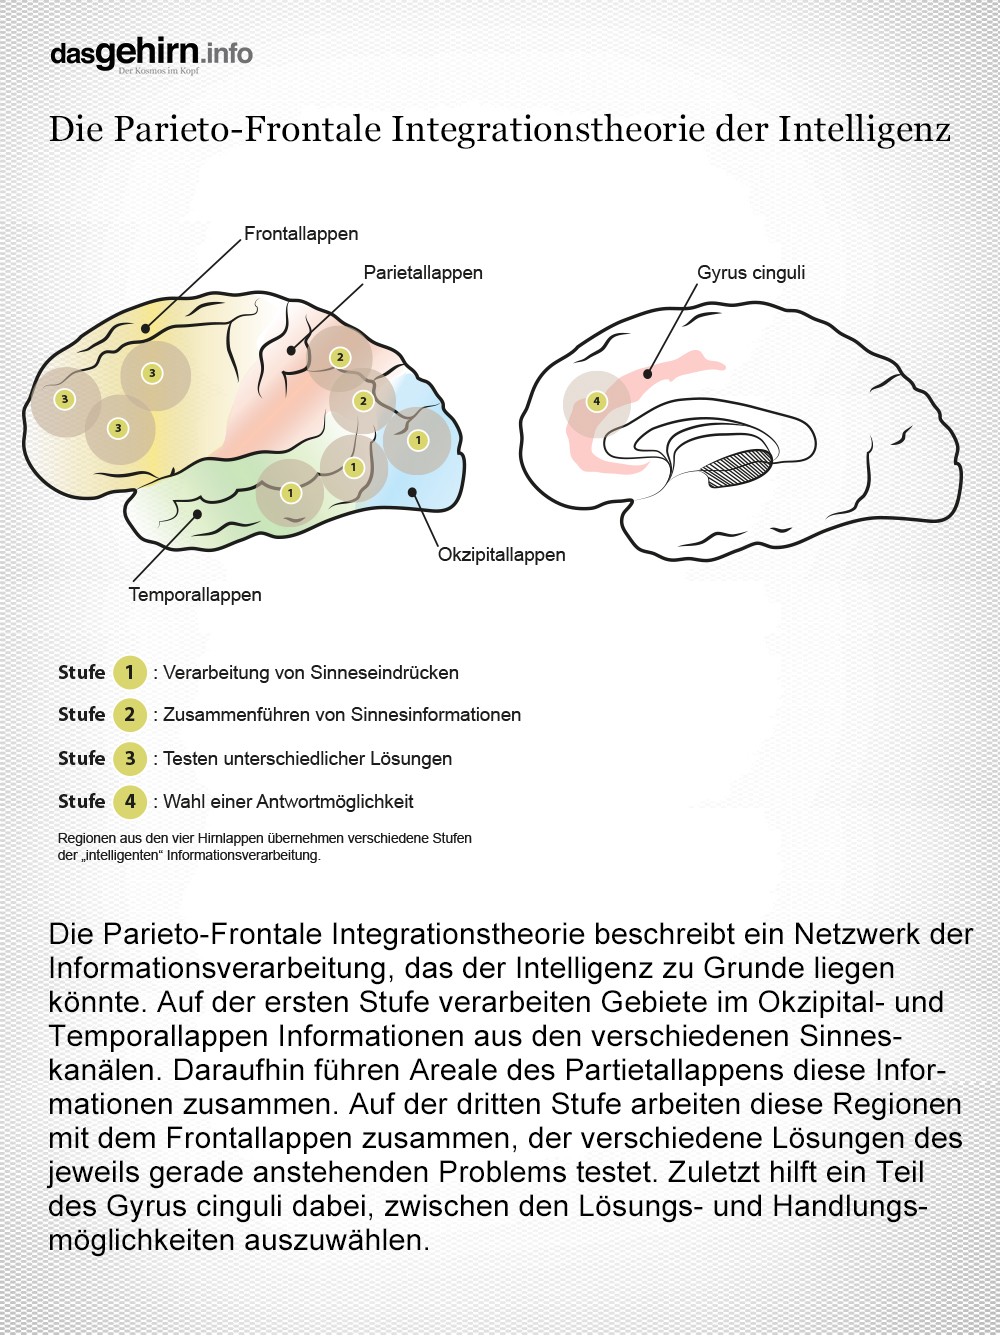 Mediathek - Bild | Infografik Anatomie: P-FIT & Intelligenz im Gehirn